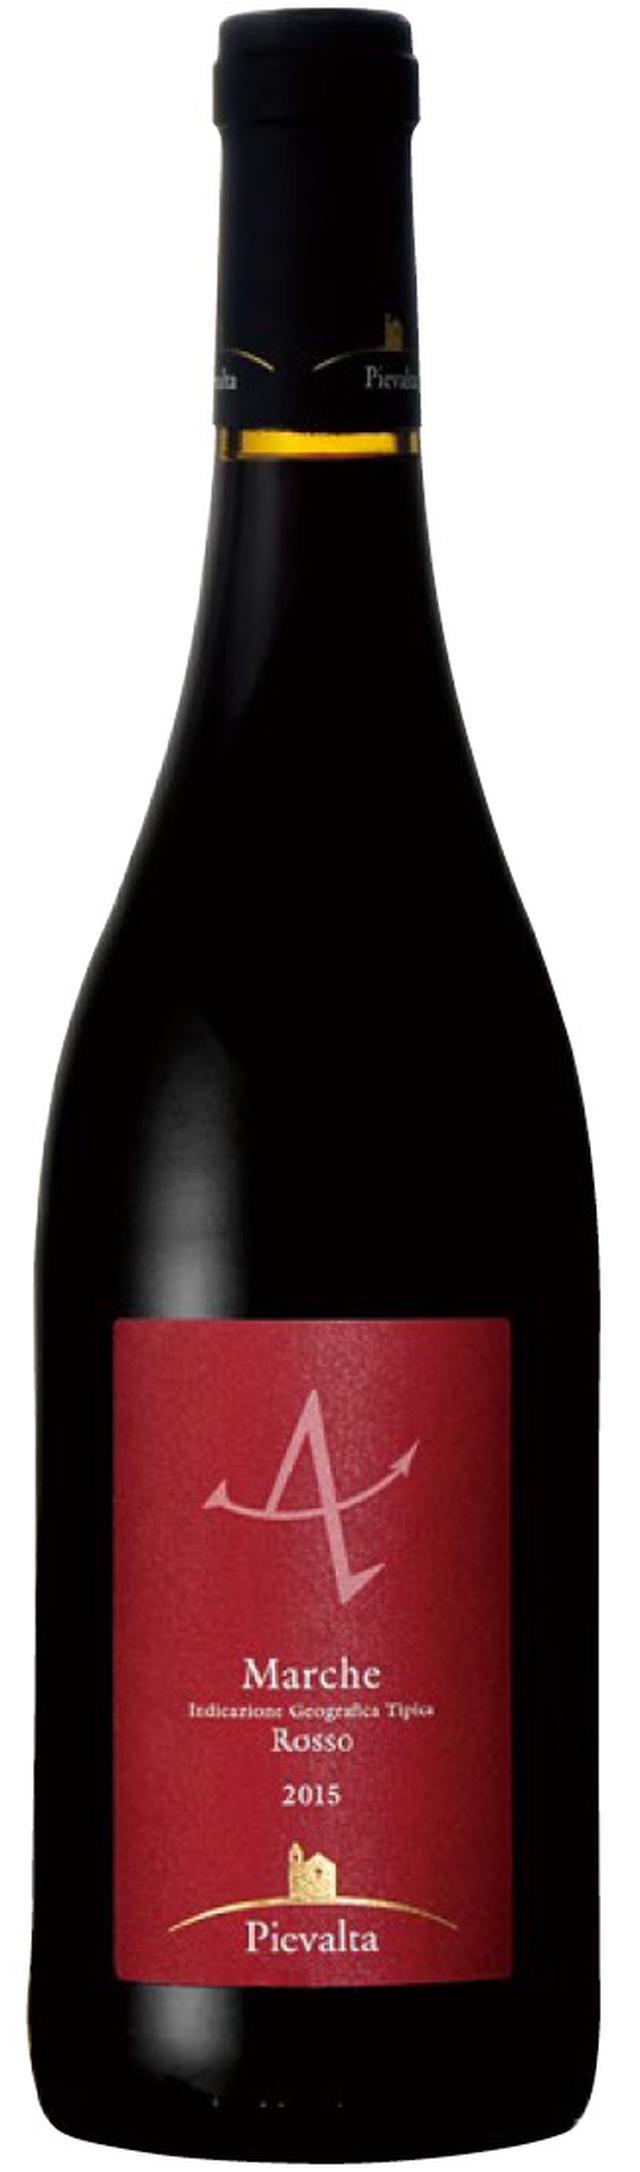 画像7: ワイン王国 2020年9月号/No.118 お勧め5ツ星の買える店(1000円台で見つけた冷やして美味しい赤ワイン)